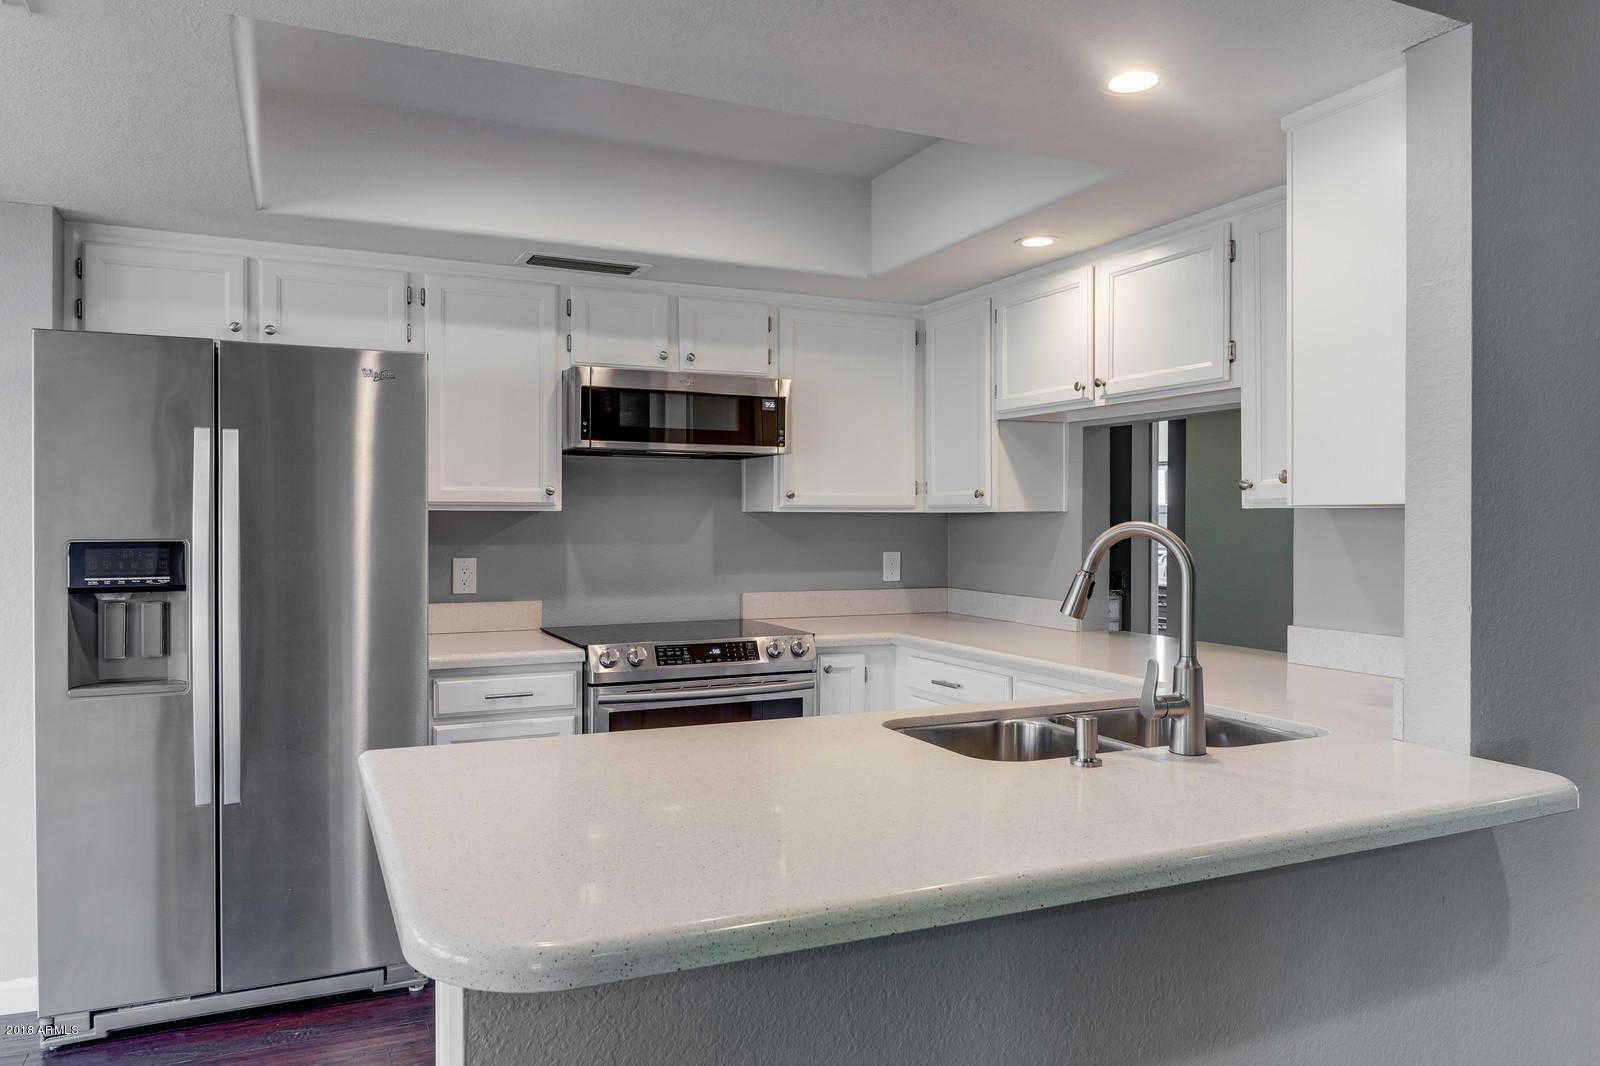 $364,000 - 3Br/2Ba - Home for Sale in Royal Estates East Unit 4 Lot 1-134 Tr A B, Phoenix